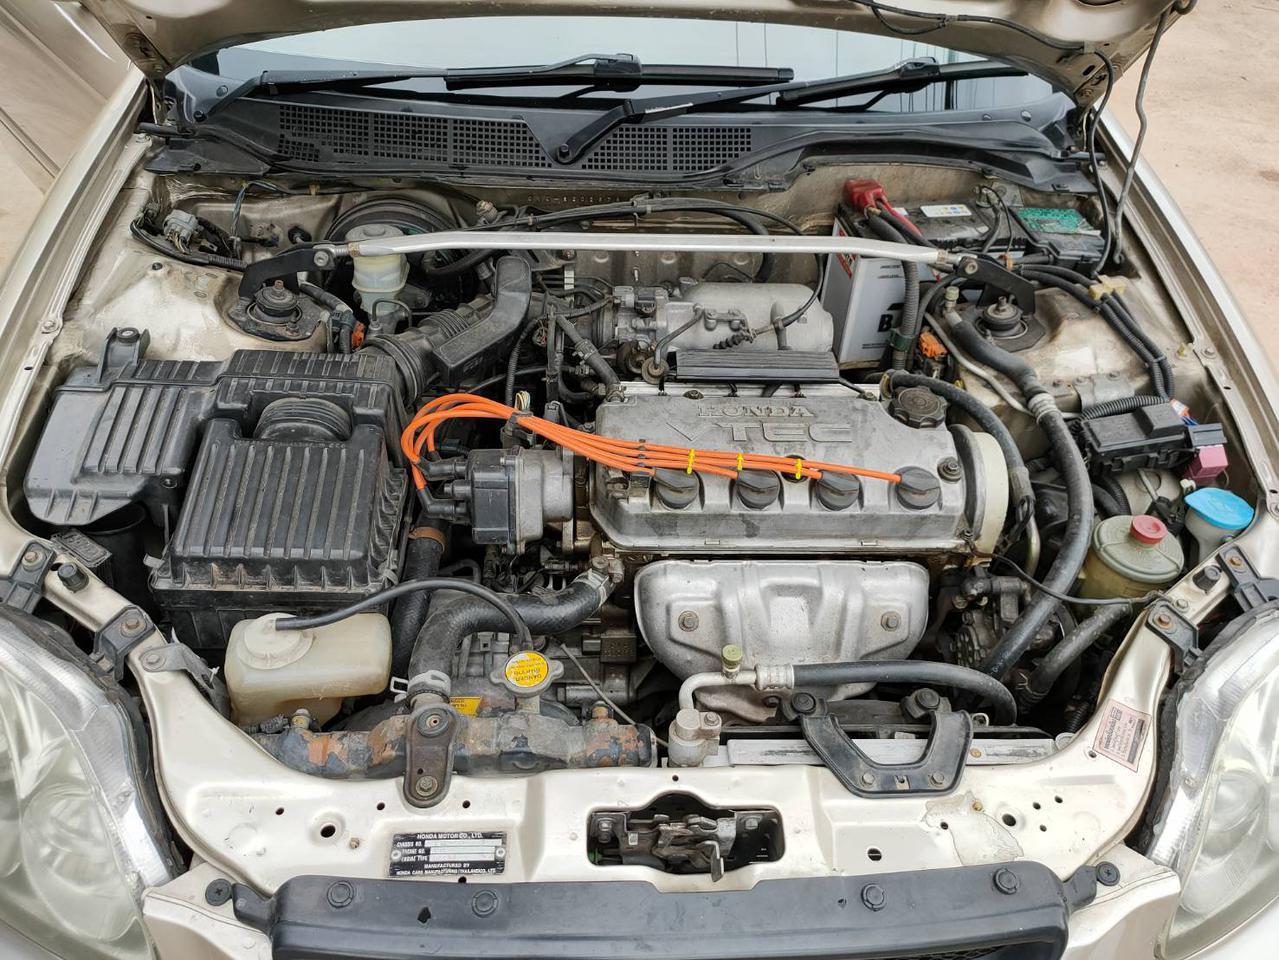 ขายรถเก๋ง Honda civic ตาโตปี 96  จ.พิษณุโลก รูปที่ 3